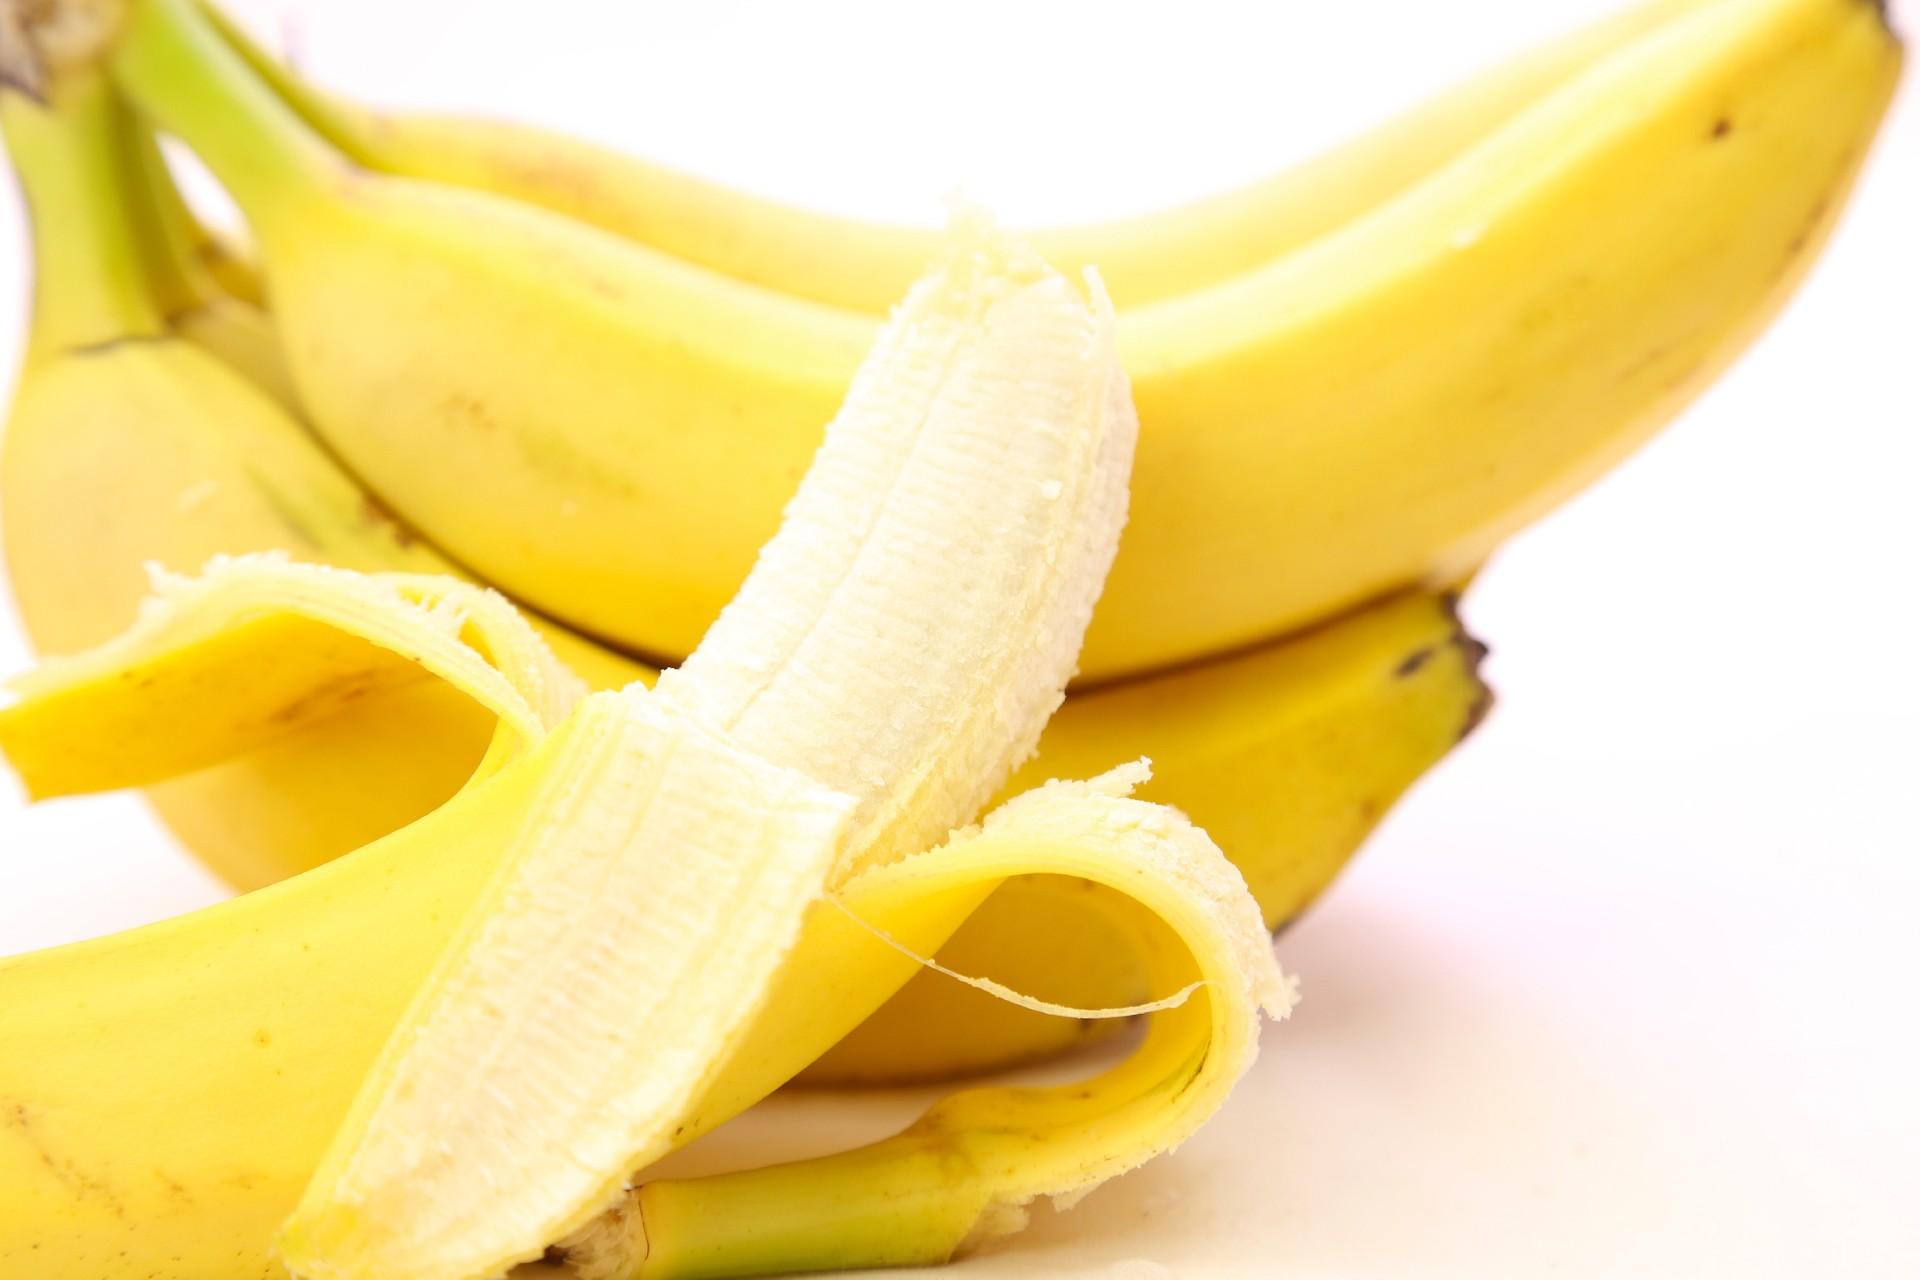 バナナを長期保存したいなら、50度洗いがおすすめ!